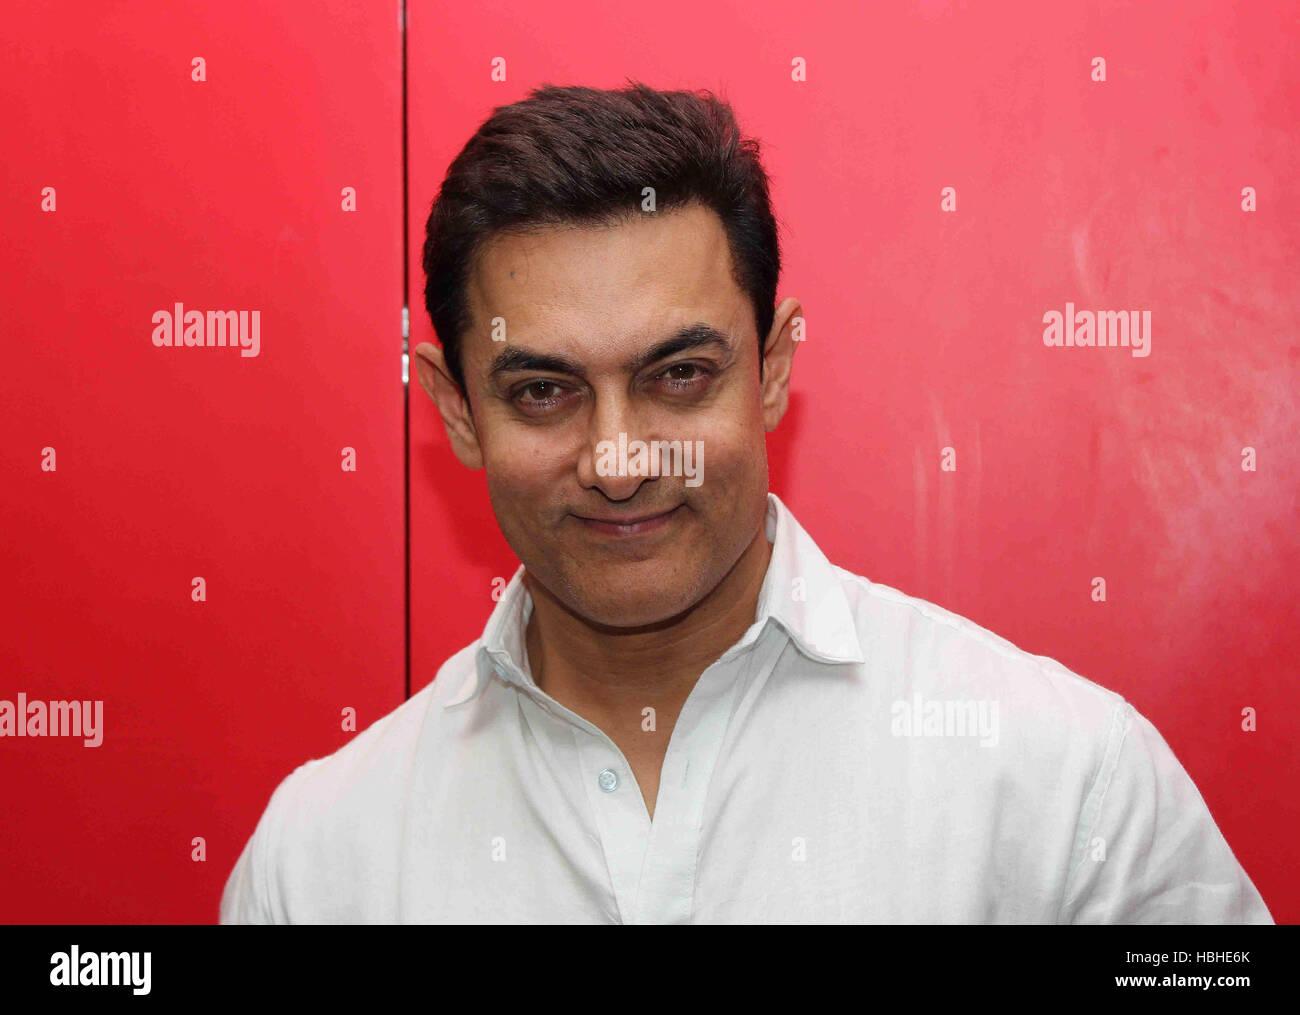 Bollywood Schauspieler Aamir Khan bei der Förderung der Film pk in Mumbai, Indien - SMS-355194 Stockbild